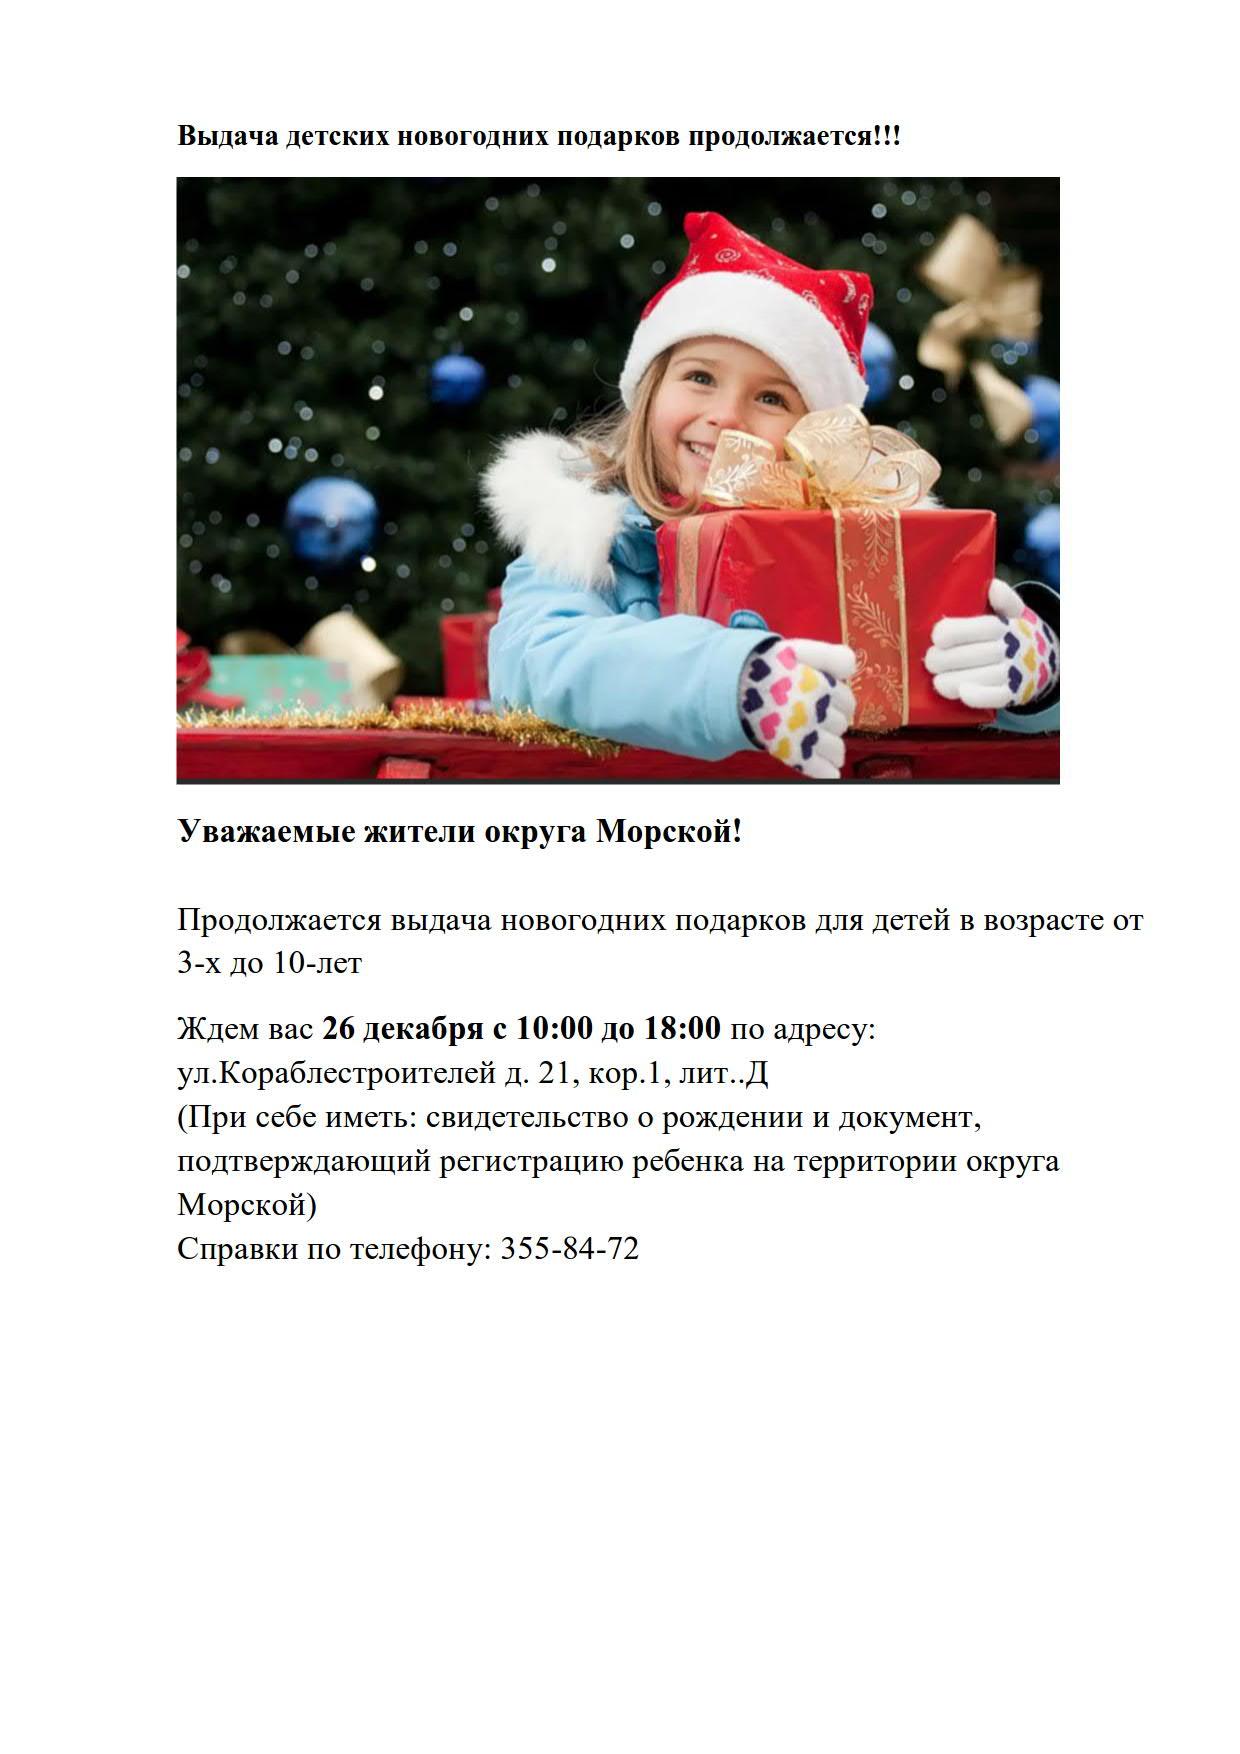 Выдача детских новогодних подарков продолжается_1